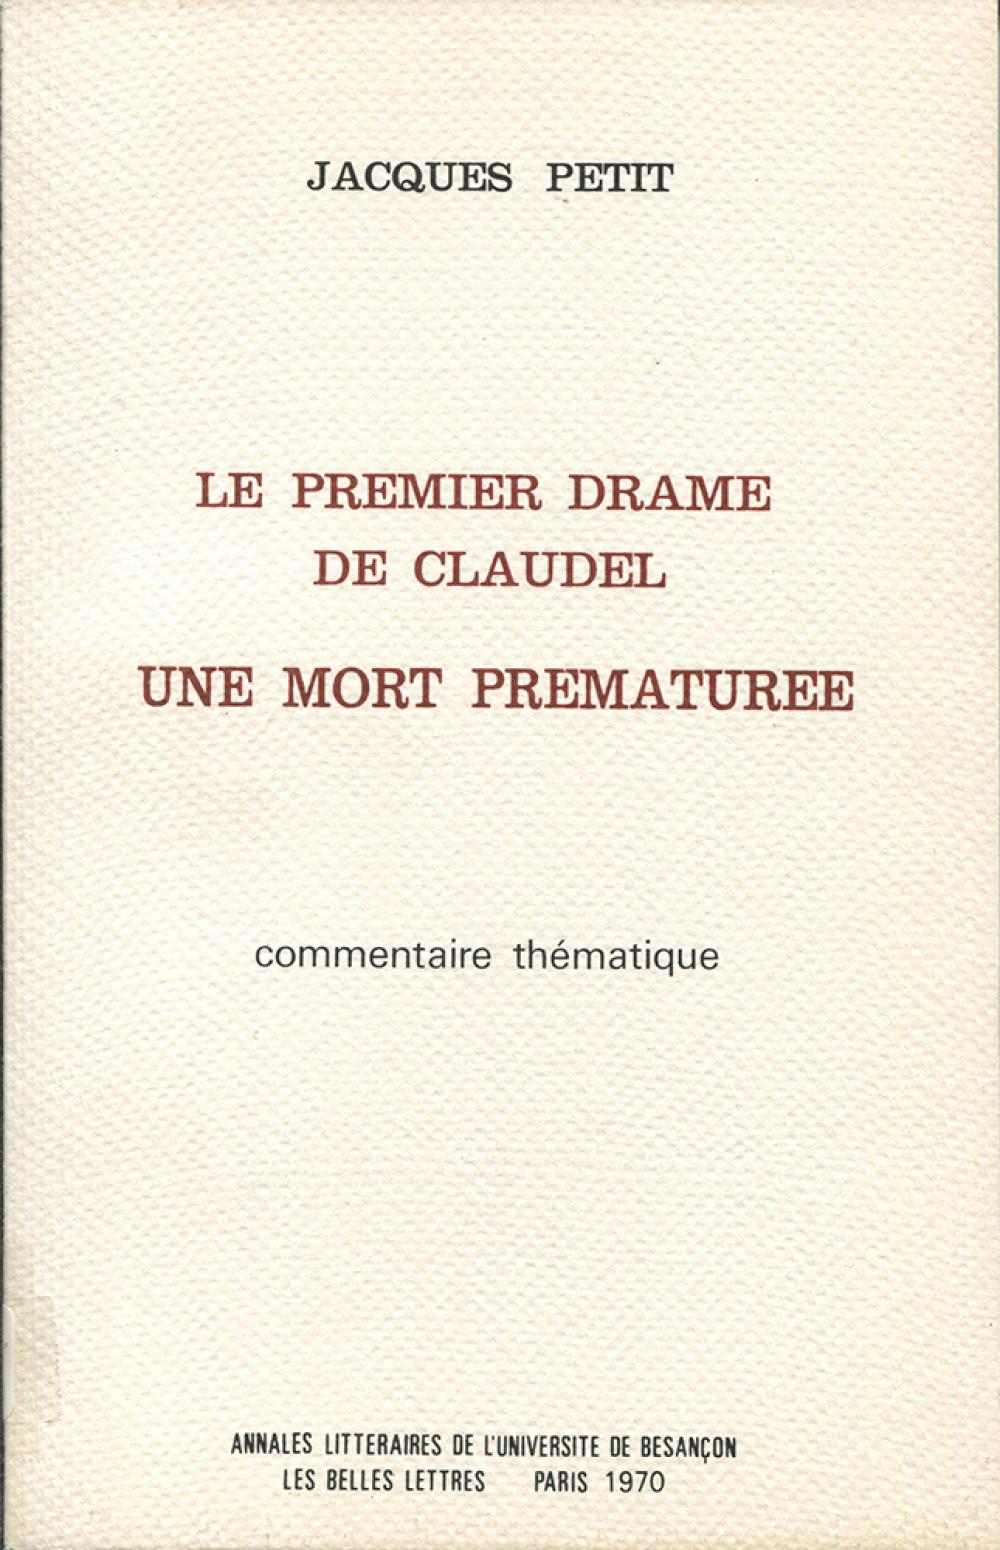 Le premier drame de Paul Claudel, Une mort prématurée